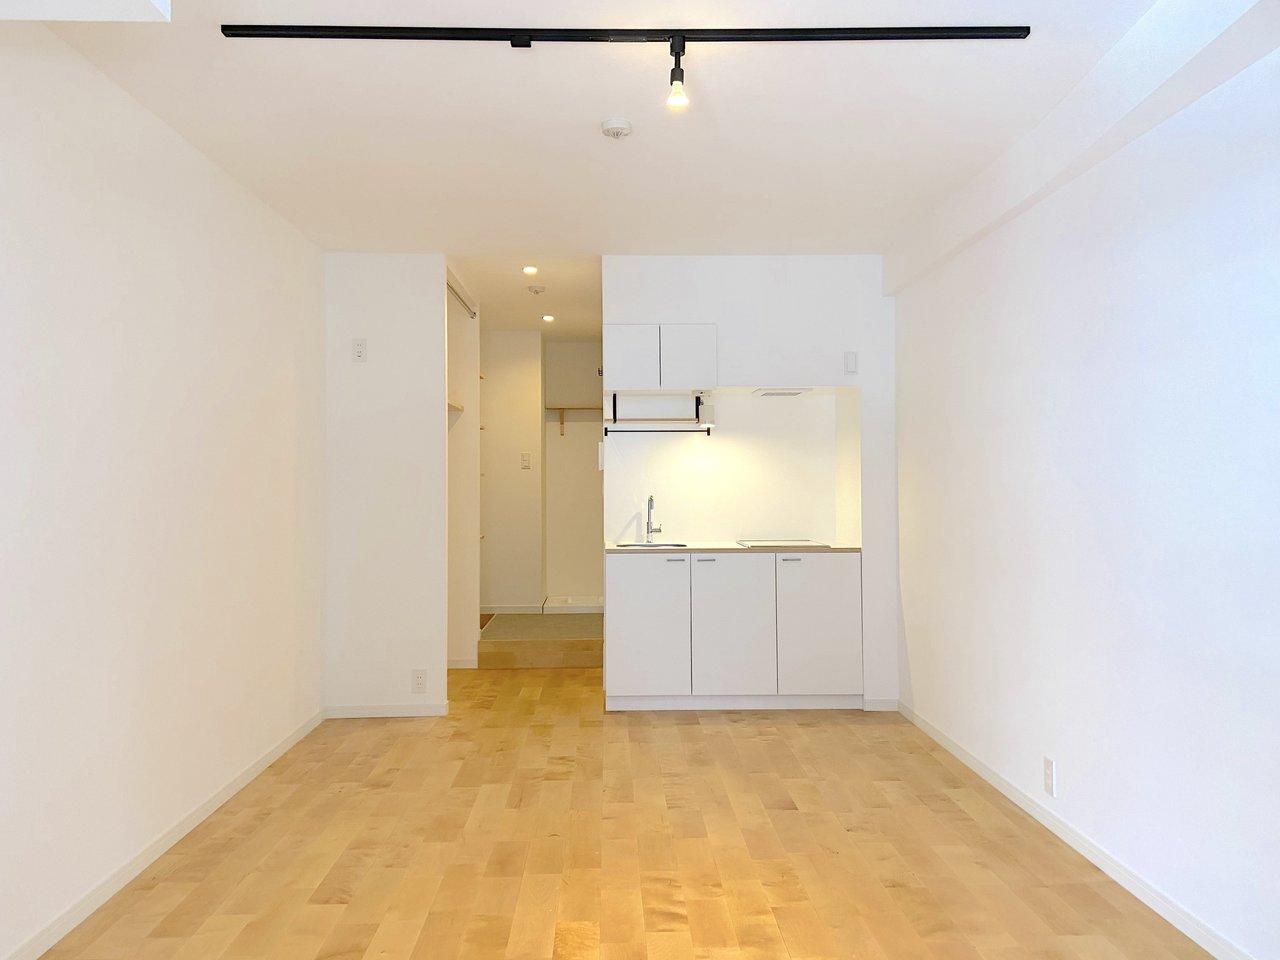 キッチンは空間にスッと馴染むホワイト。上下に収納もあり、幅も広めです。